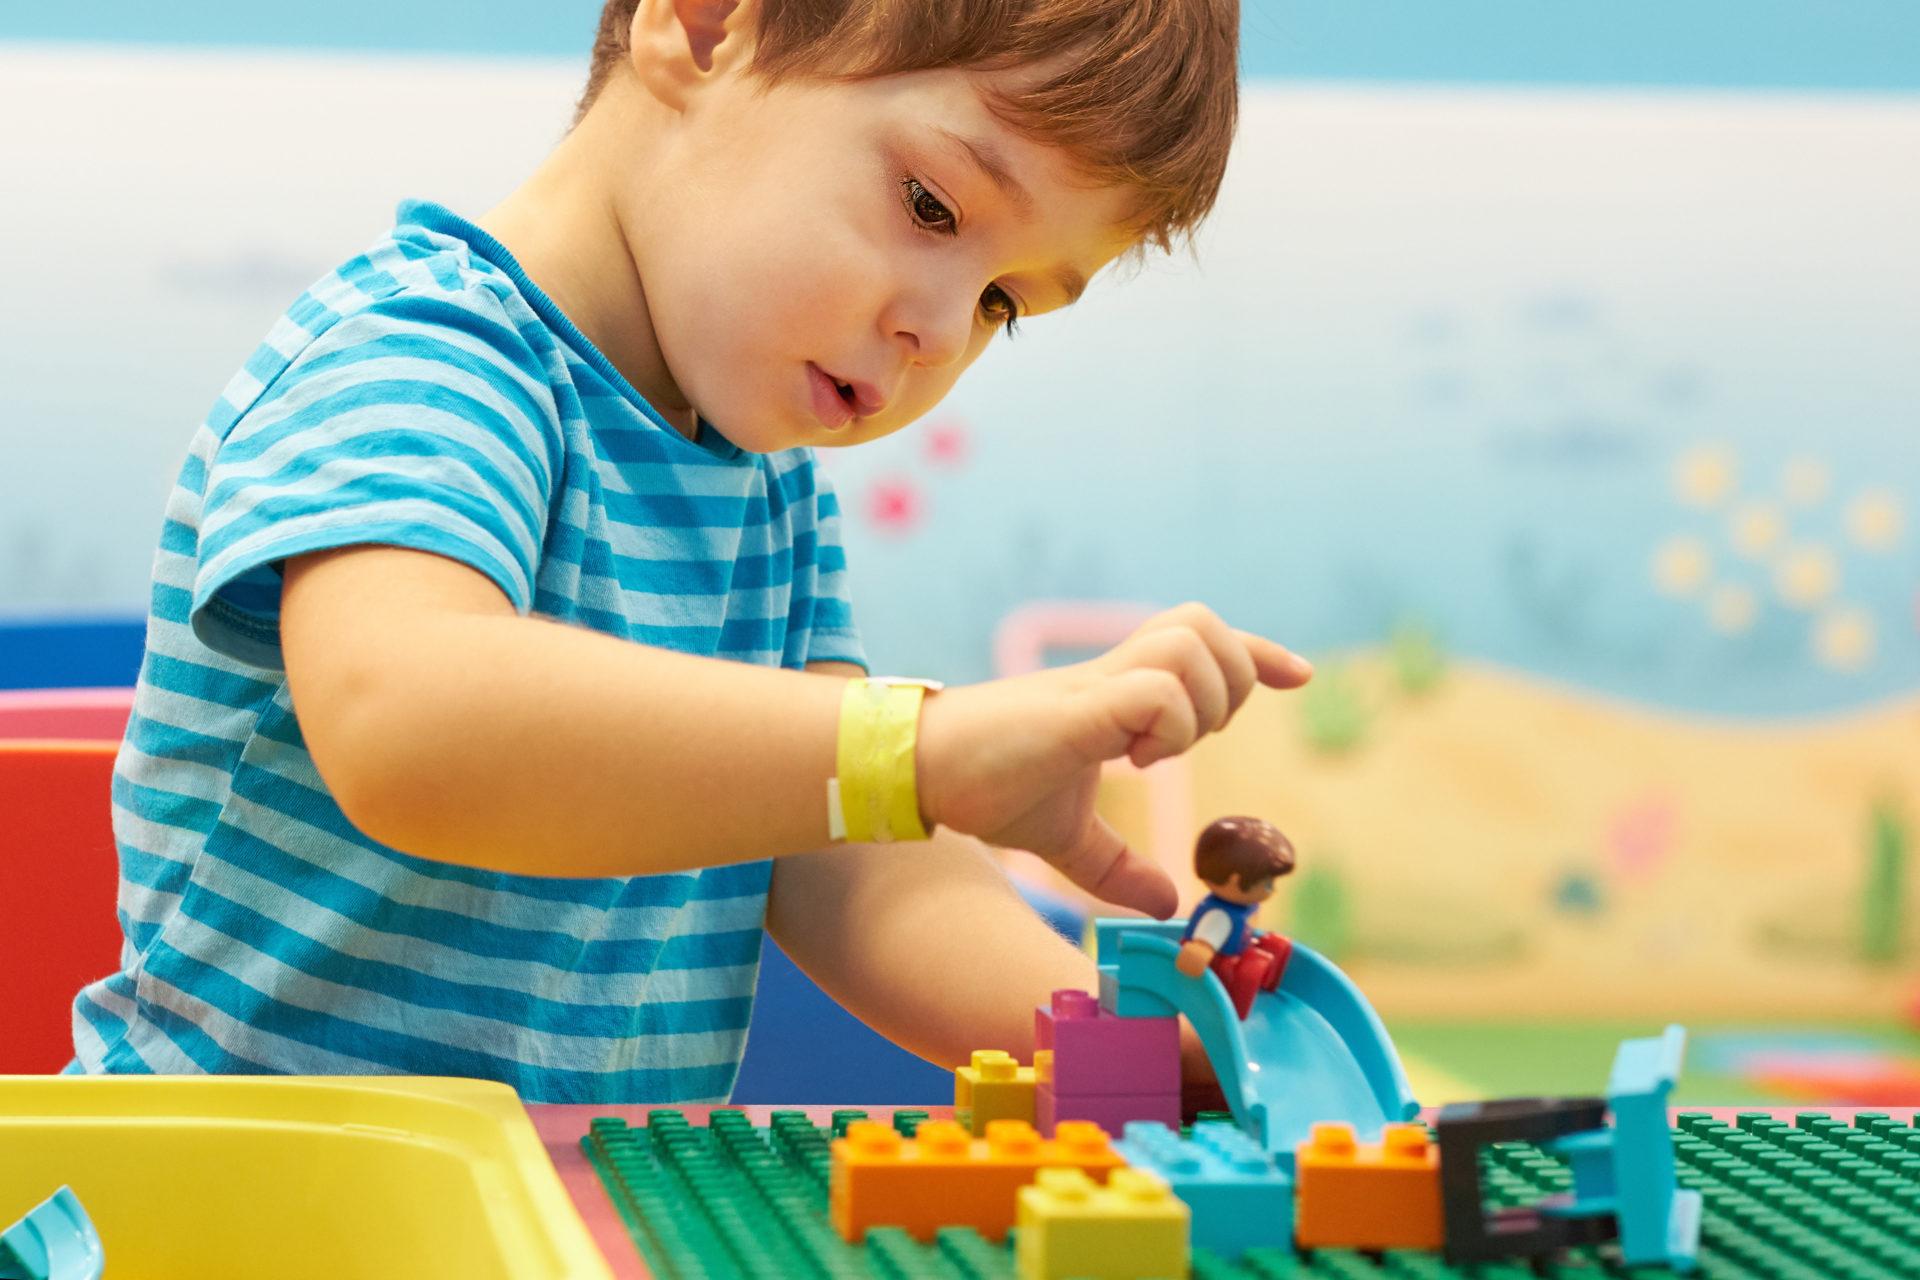 Jeu, Jouet Enfant - Jeu Enfant 2 Ans, 3 Ans, 4 Ans Et 5 Ans avec Jeux De Garcon Gratuit 3 Ans